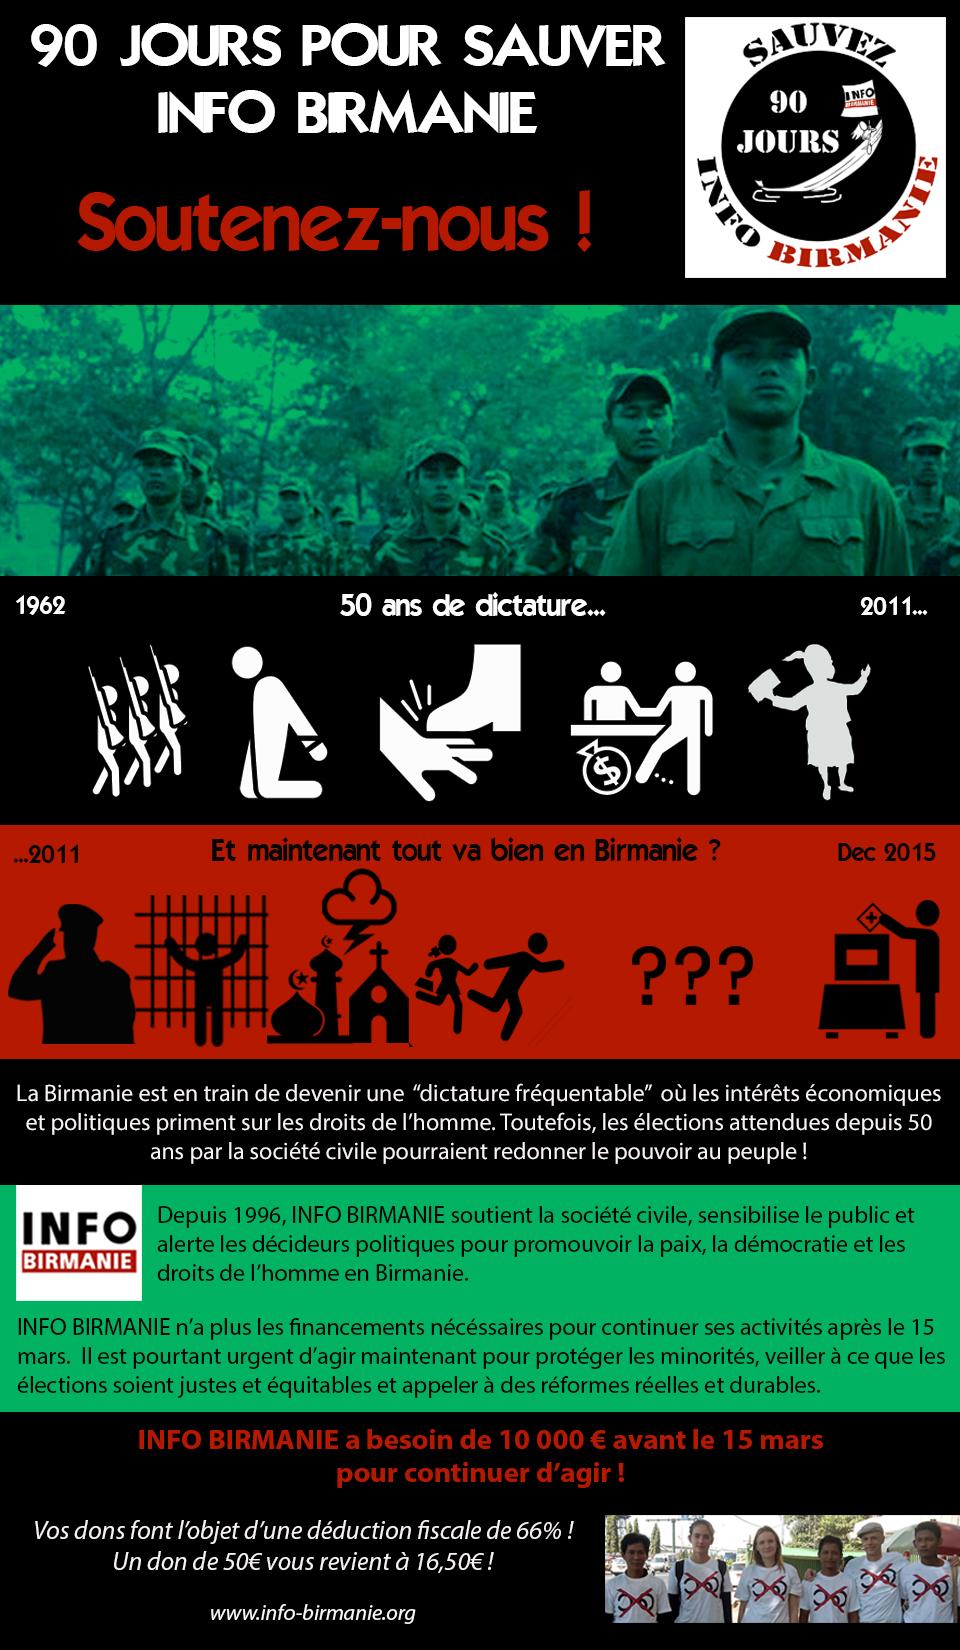 Infographie Info Birmanie